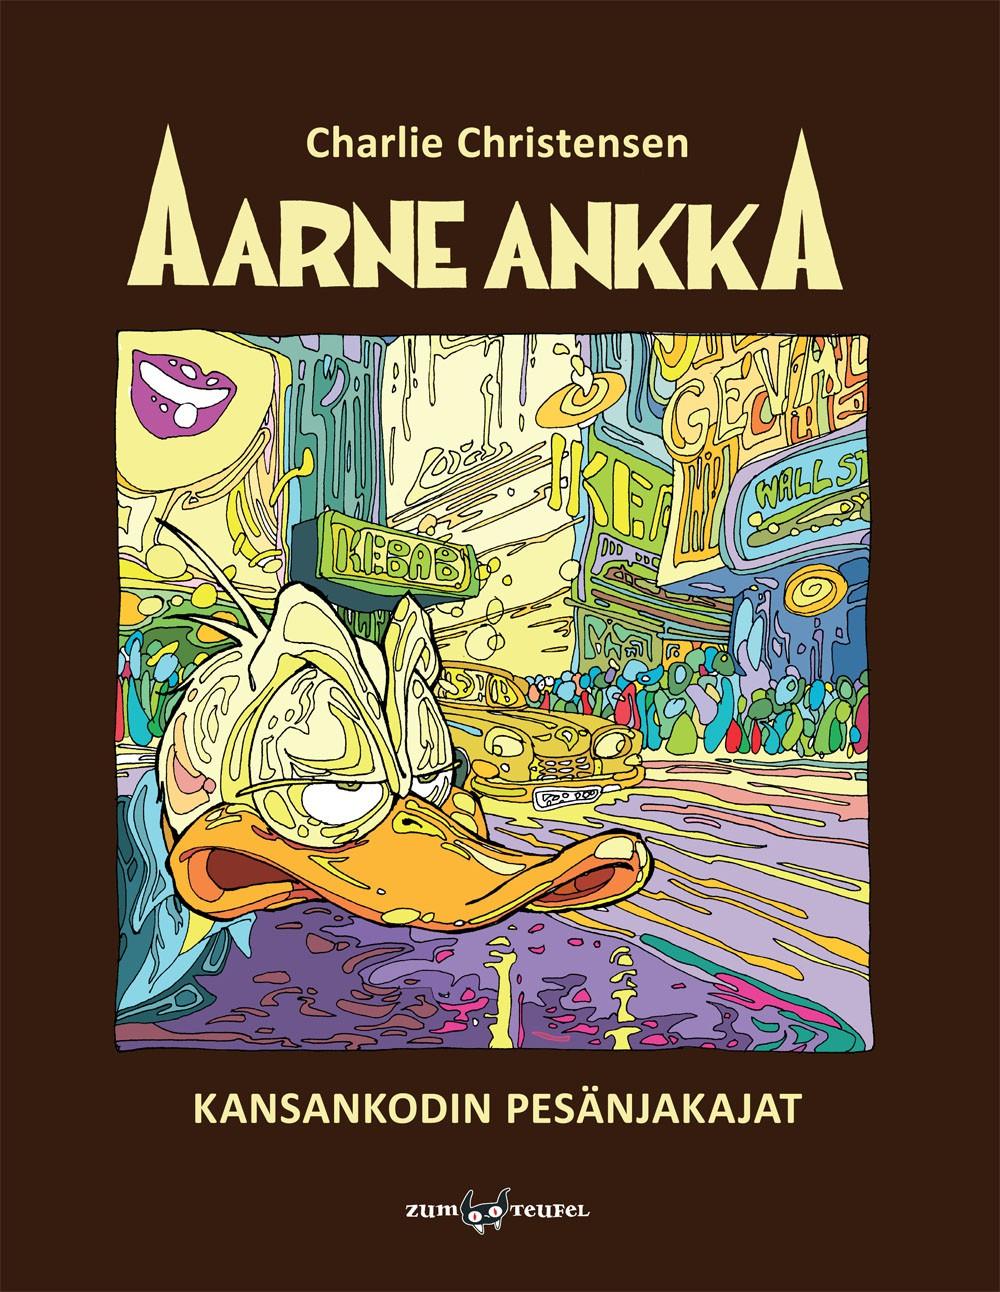 Aarne Ankka - Kansankodin pesänjakajat